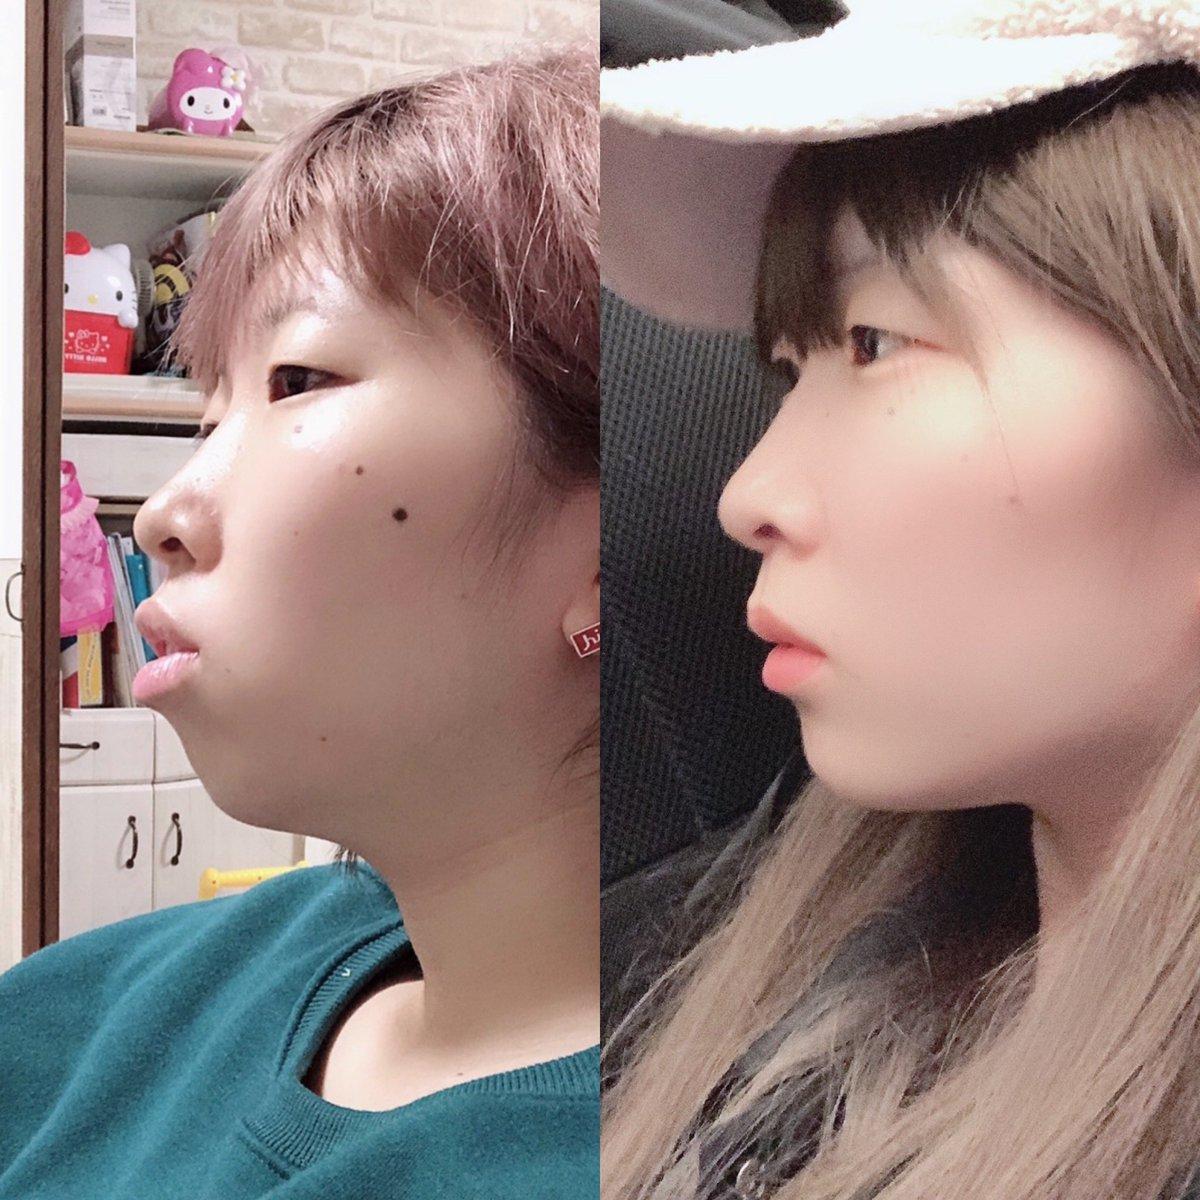 歯 列 矯正 顔 の 変化